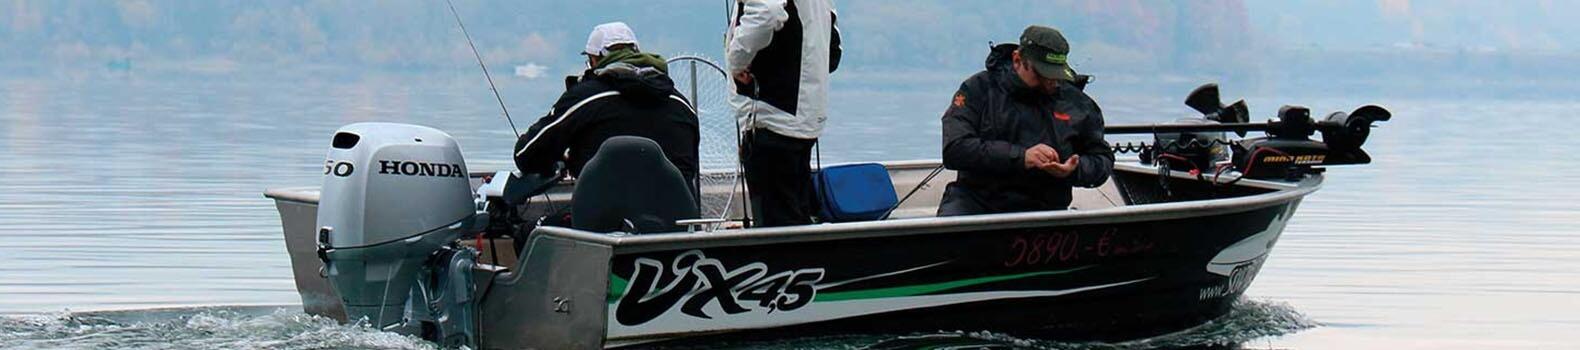 Titulná foto Predstavujeme prívlačové tašky na člny